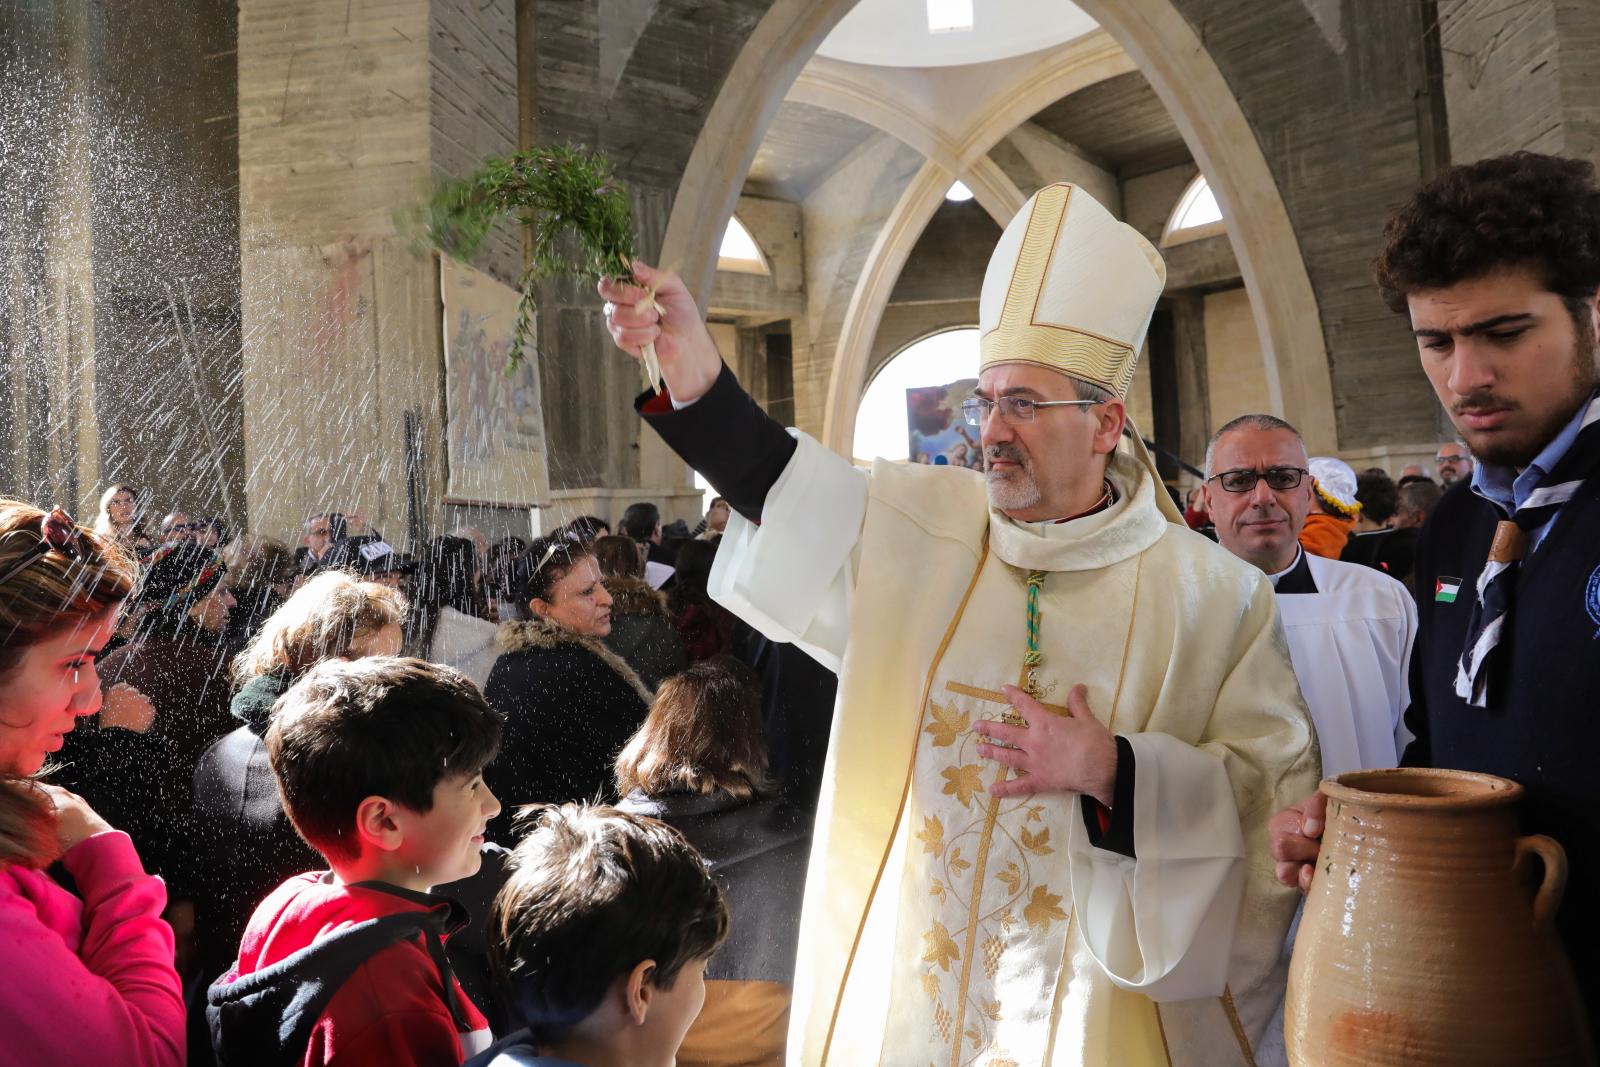 Pielgrzymka katolików do miejsca chrztu nad Jordanem. Fot. PAP/EPA/ANDRE PAIN